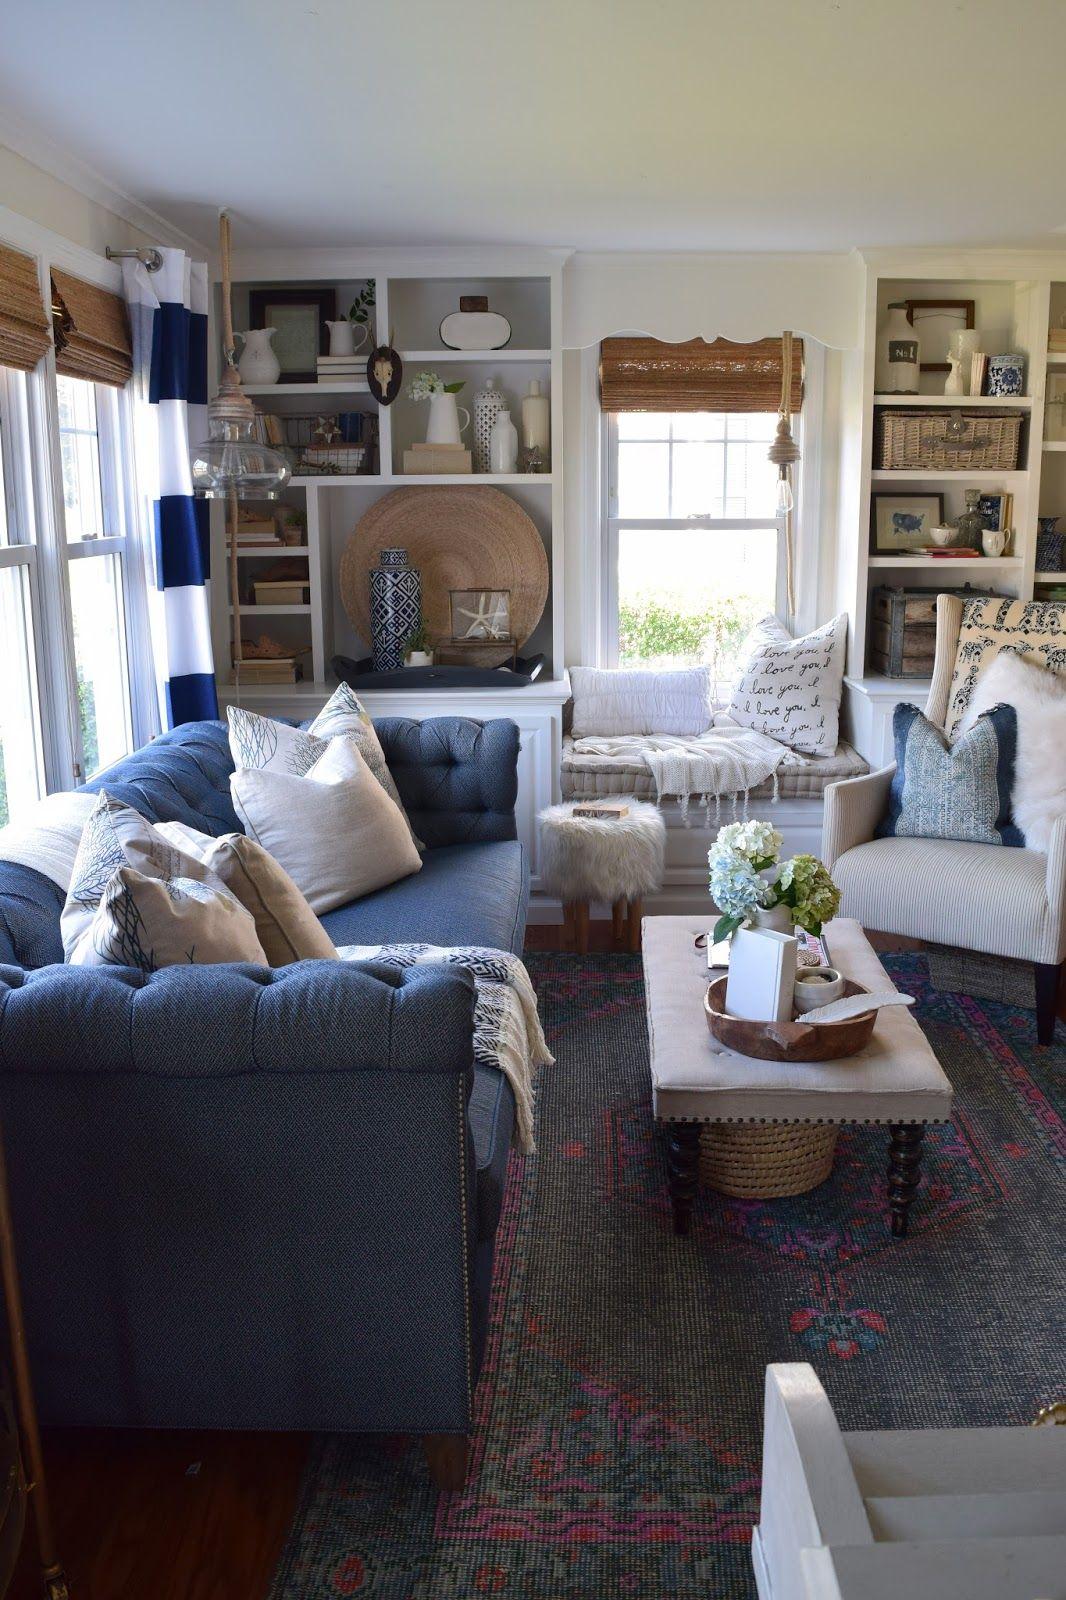 Small Blue Living Room Designs: CSC_2059.JPG 1,066×1,600 Pixels